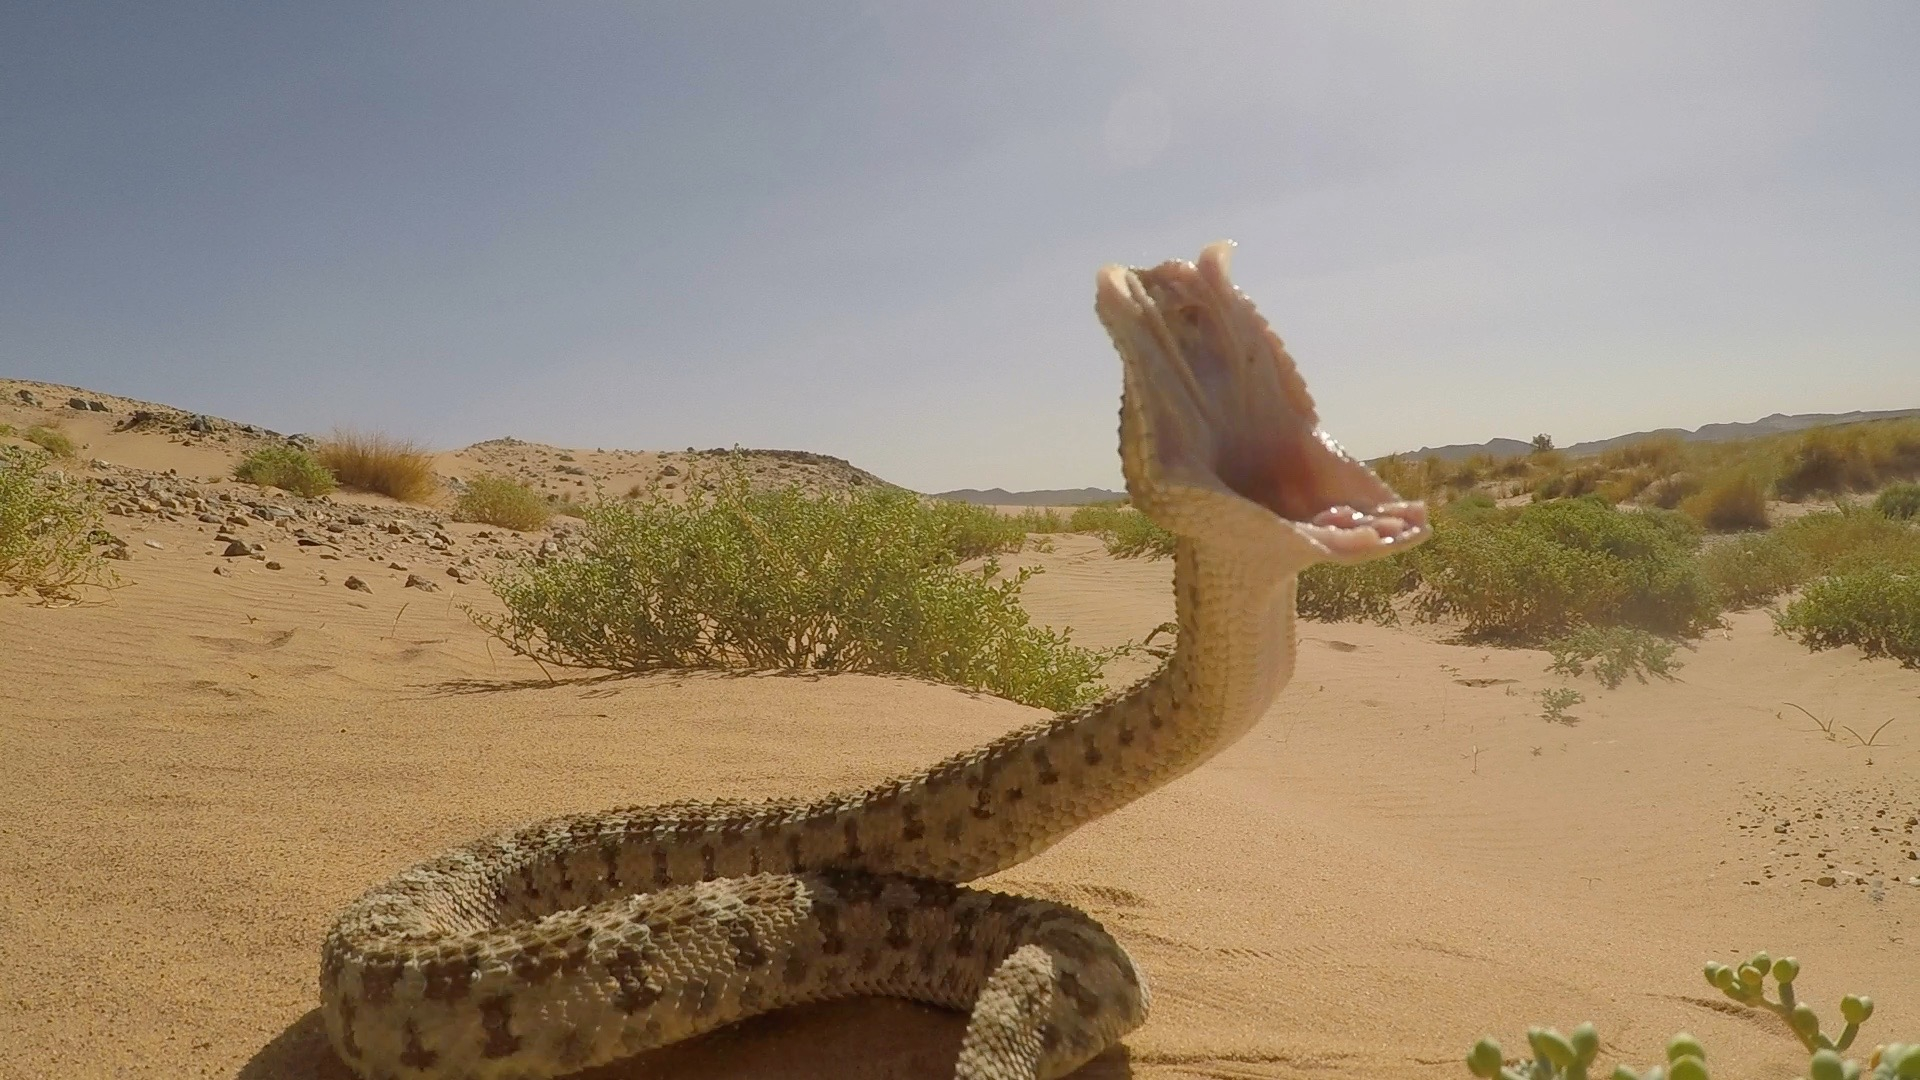 Sahara Hornviper